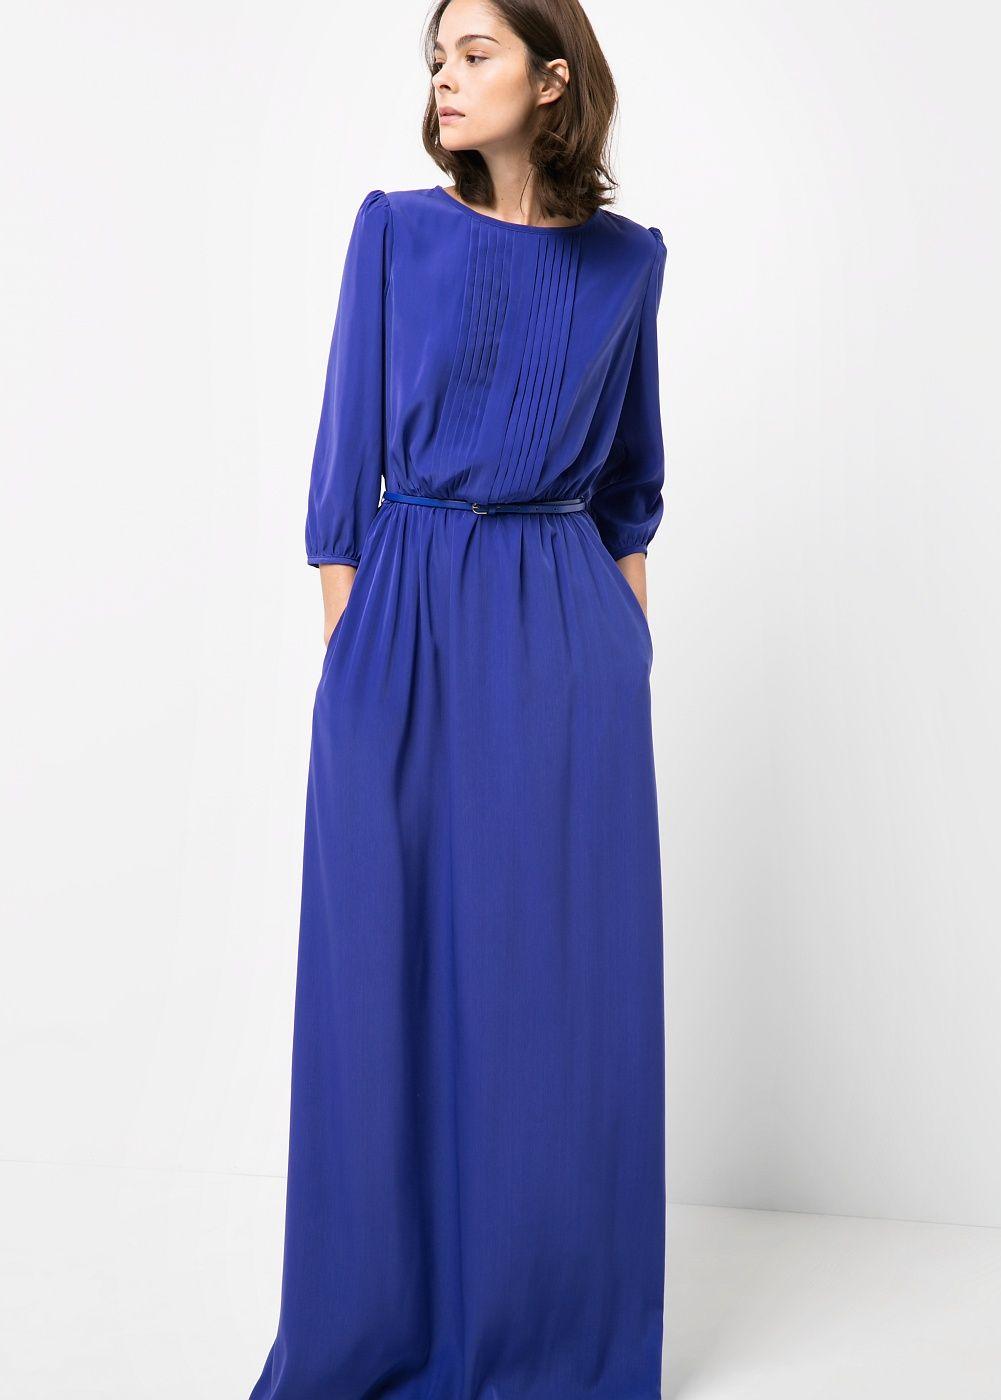 Vestido largo satinado - Mujer | Vestido largo, Vestiditos y Llevamos